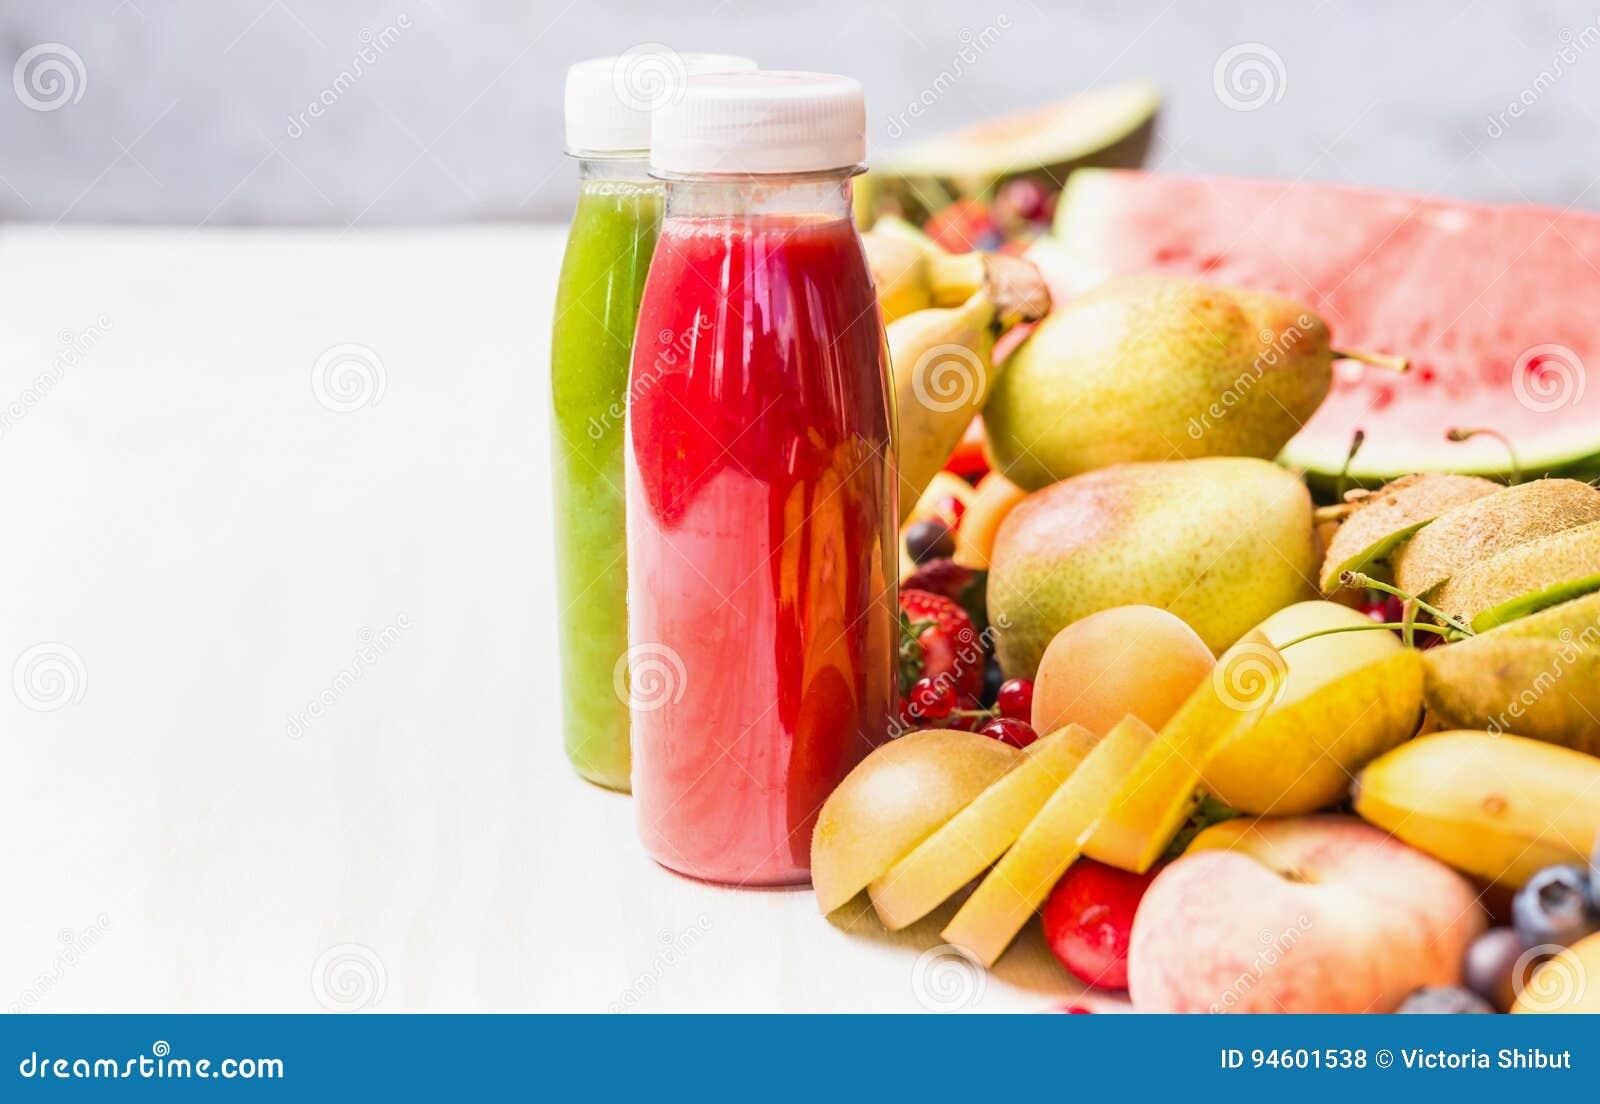 Flaskor med röda smoothies och fruktsaftdrycker på vit tabellbakgrund med sommarfrukter och bär, främre sikt sund mat